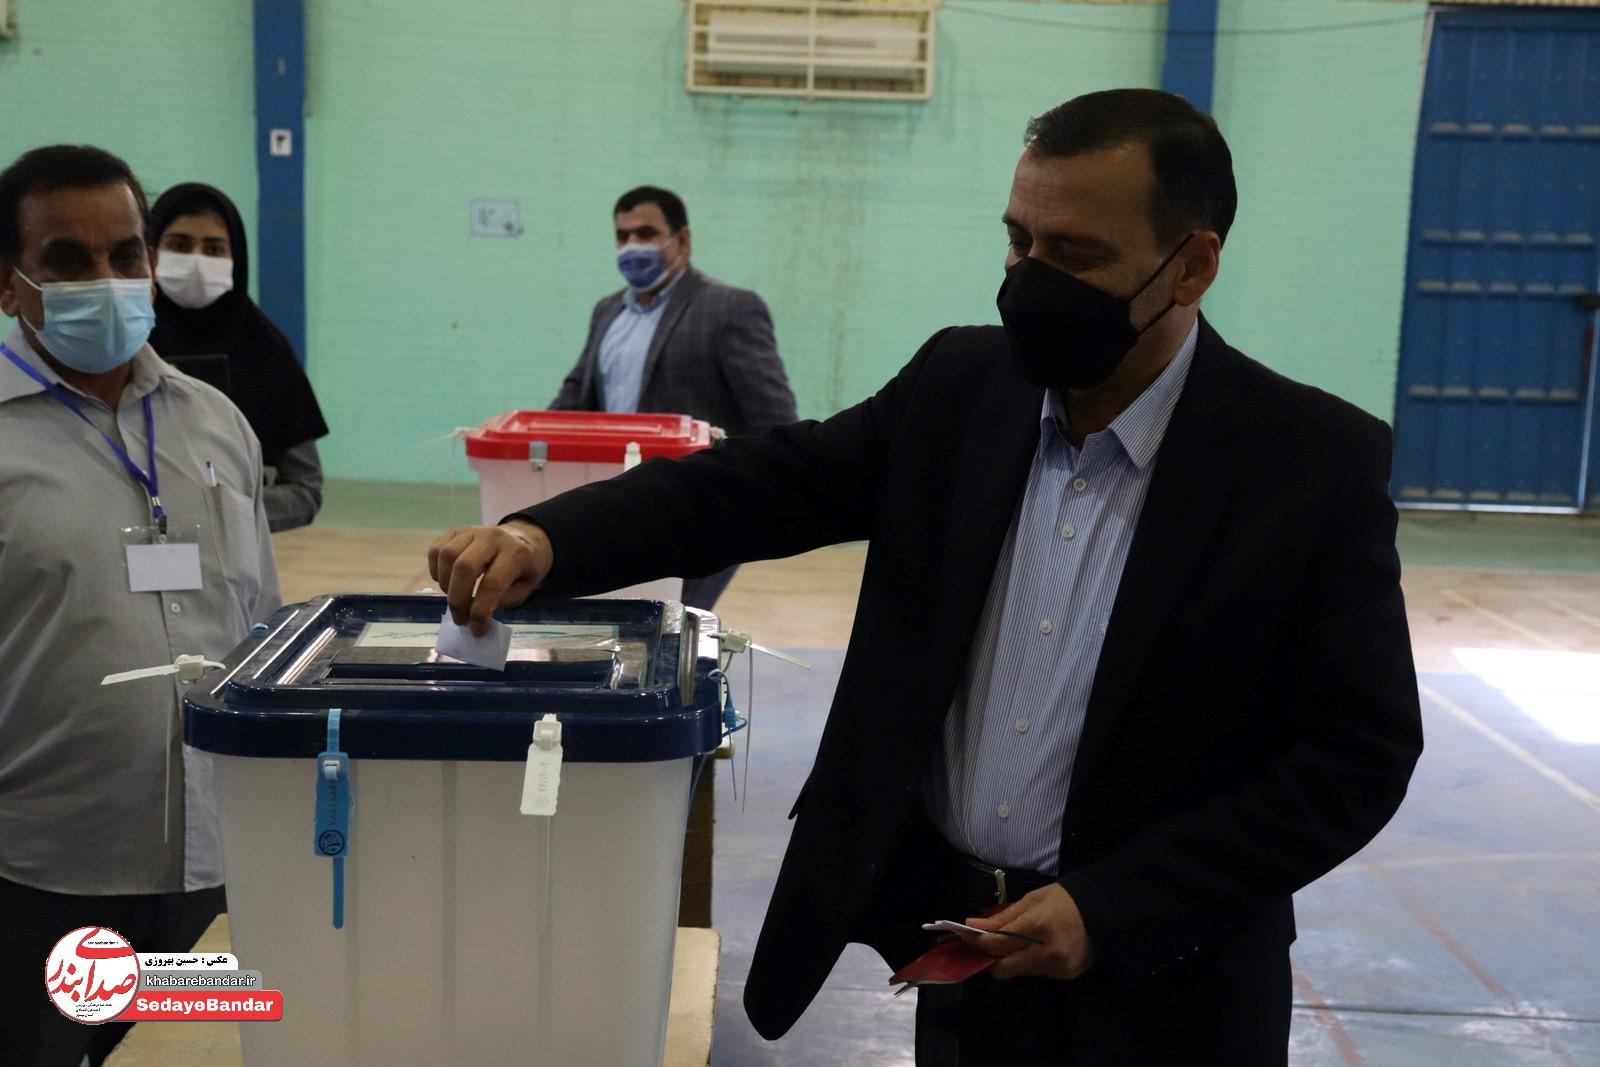 همدلی که در انتخابات ۱۴۰۰ رقم خواهد خورد.